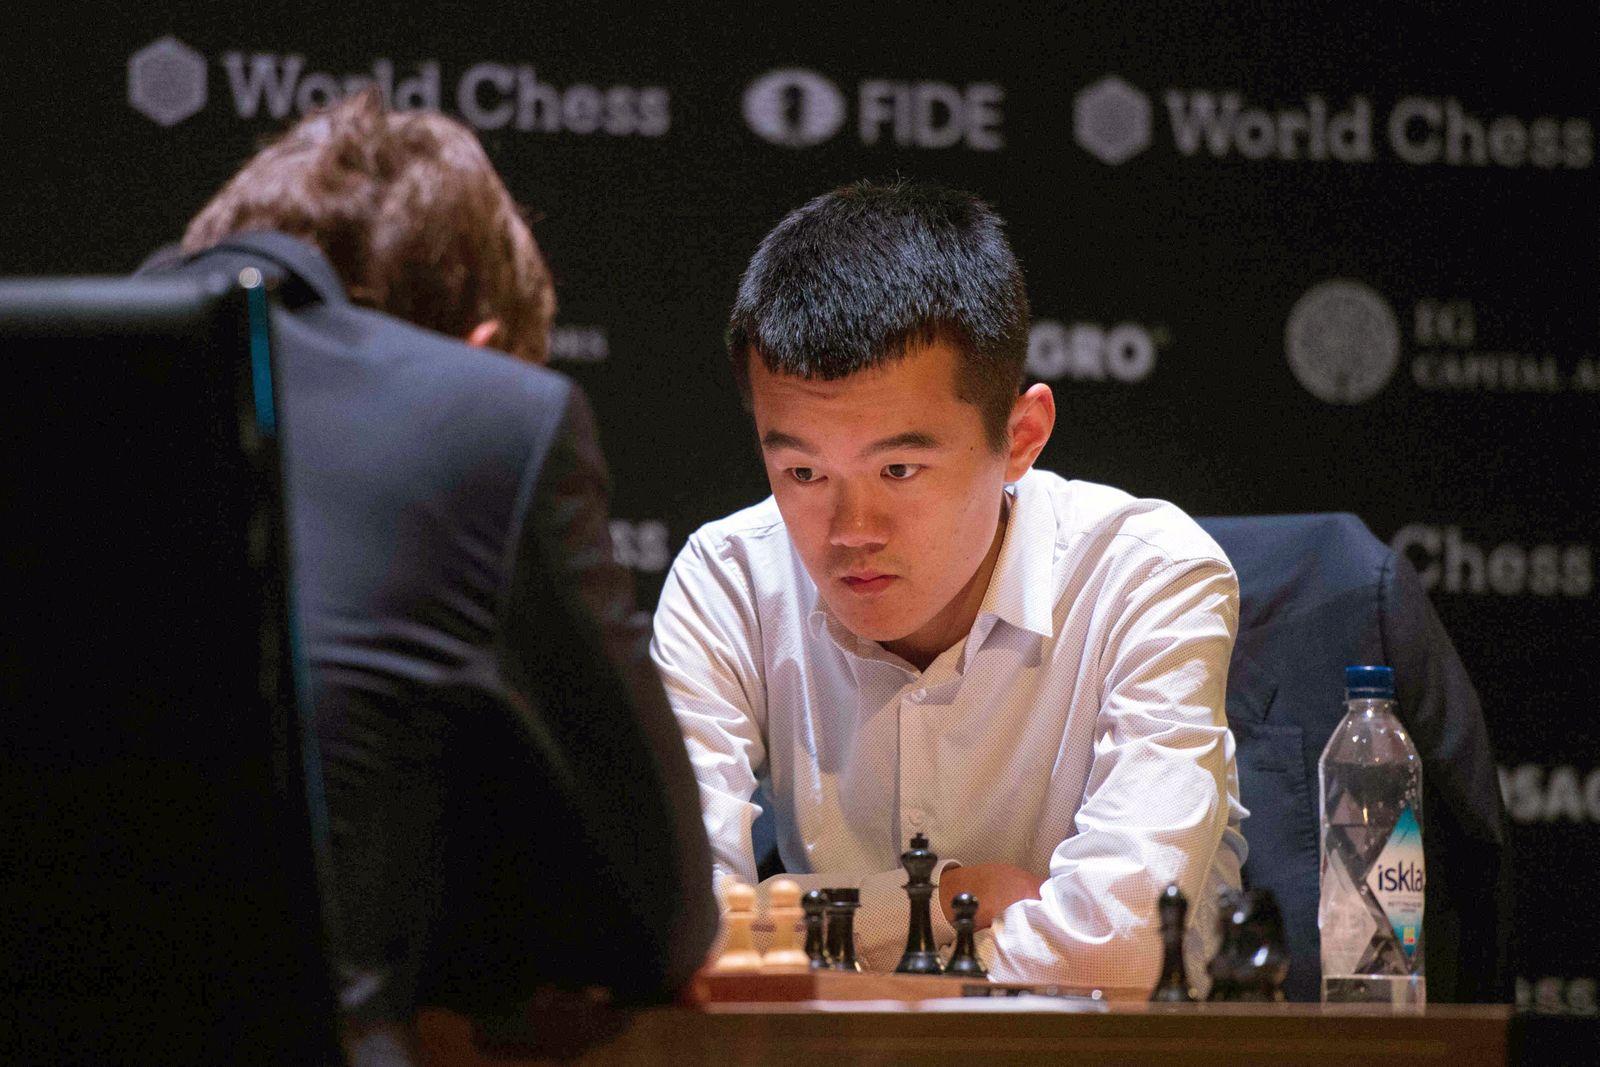 Kandidatenturnier für die Schach-WM